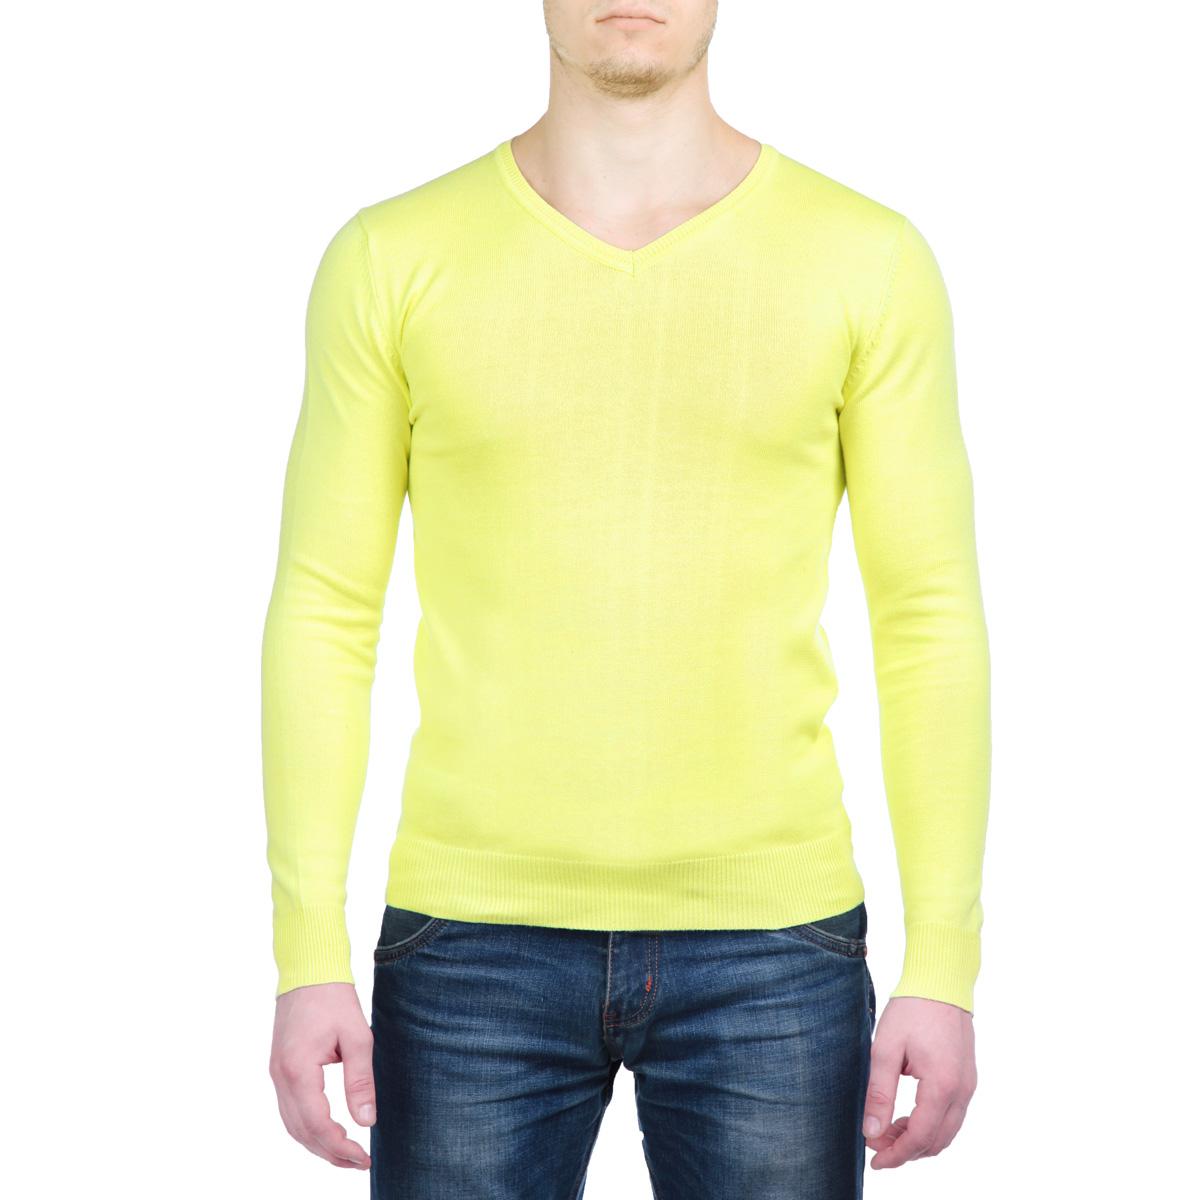 Пуловер мужской AbyssoBAbyssoB/BAYGREENСтильный мужской пуловер MeZaGuZ, изготовленный из высококачественного хлопка, не сковывает движения, обеспечивая наибольший комфорт. Модель с V-образным вырезом горловины великолепно сидит, а однотонная расцветка прекрасно сочетается с любыми нарядами. Низ и манжеты пуловера связаны резинкой. Этот теплый и комфортный пуловер станет отличным дополнением к вашему гардеробу. В нем вы всегда будете чувствовать себя уютно в прохладное время года.